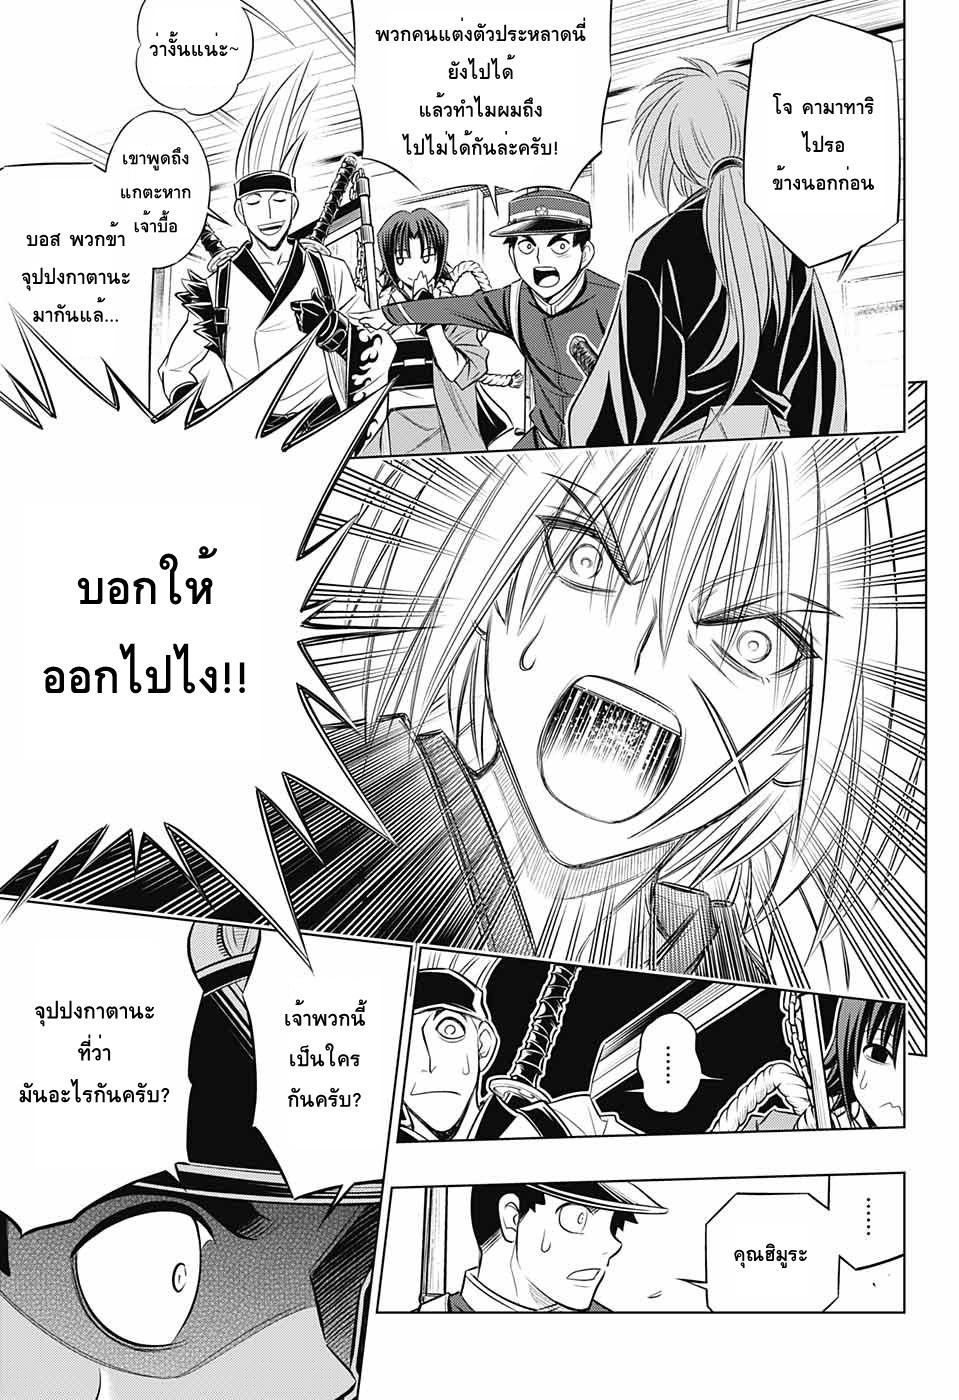 อ่านการ์ตูน Rurouni Kenshin: Hokkaido Arc ตอนที่ 16 หน้าที่ 11